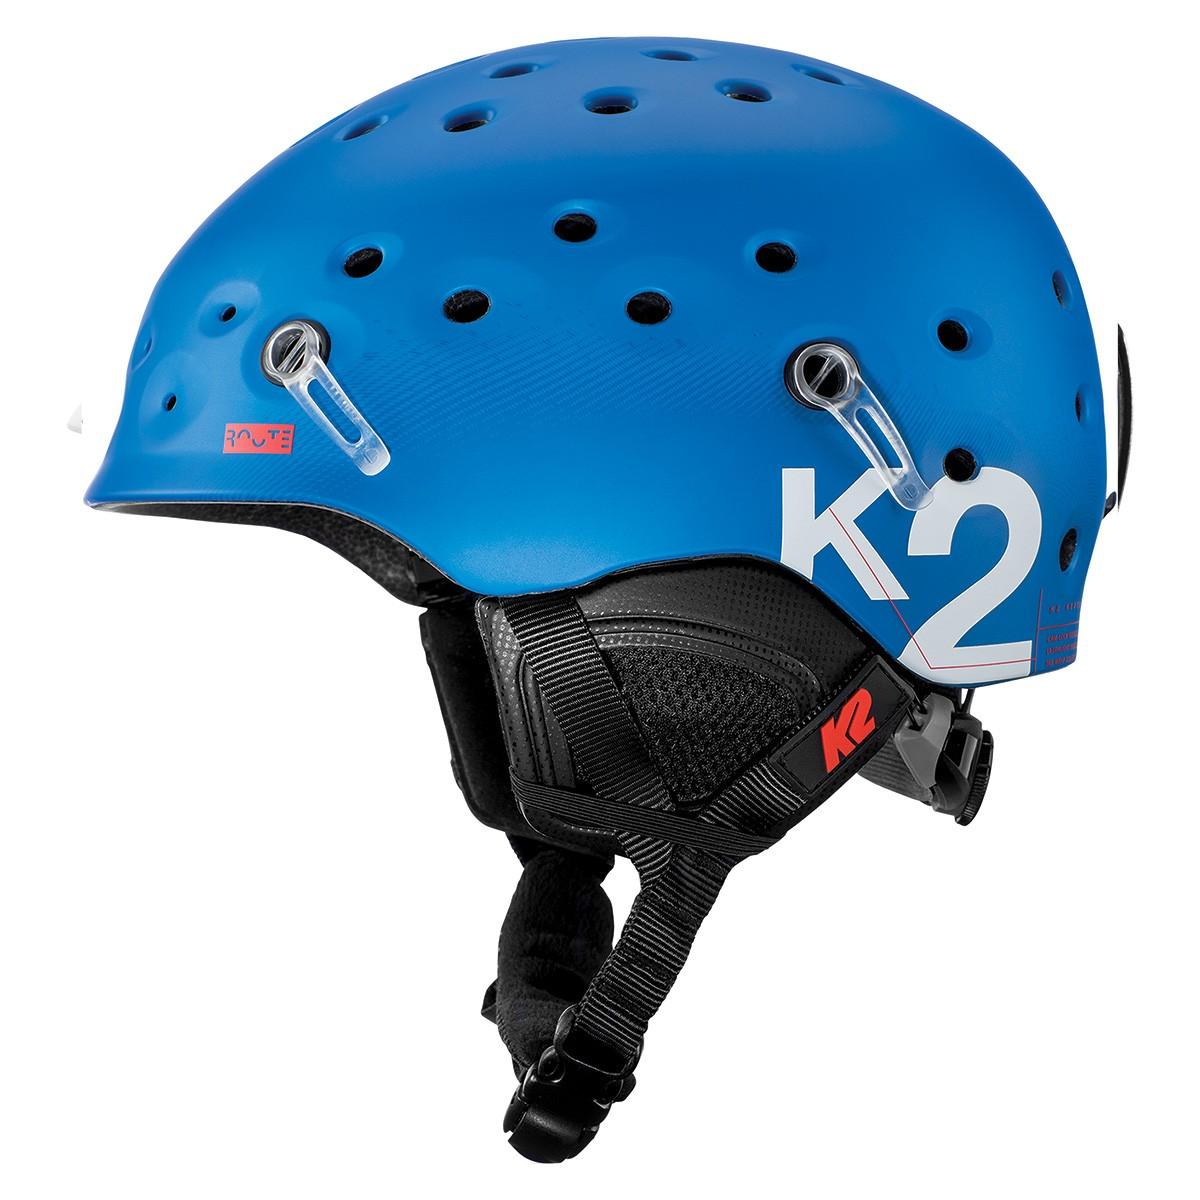 Casco sci K2 Route (Colore: blu, Taglia: 51/55)